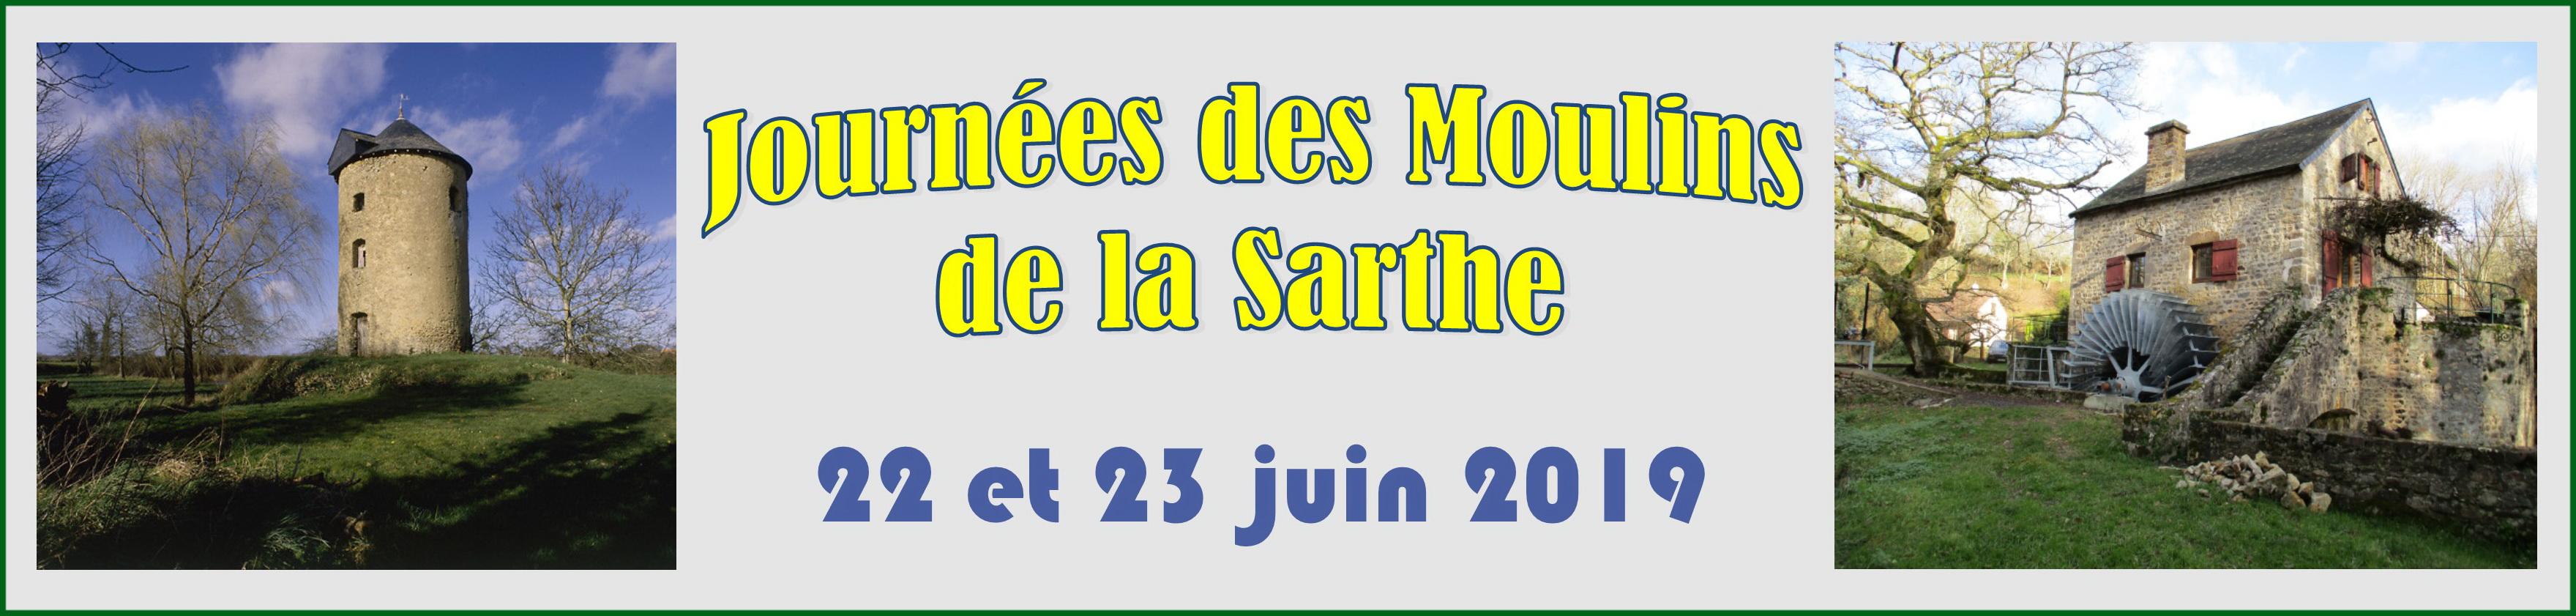 Annonce Journées des moulins Sarthe